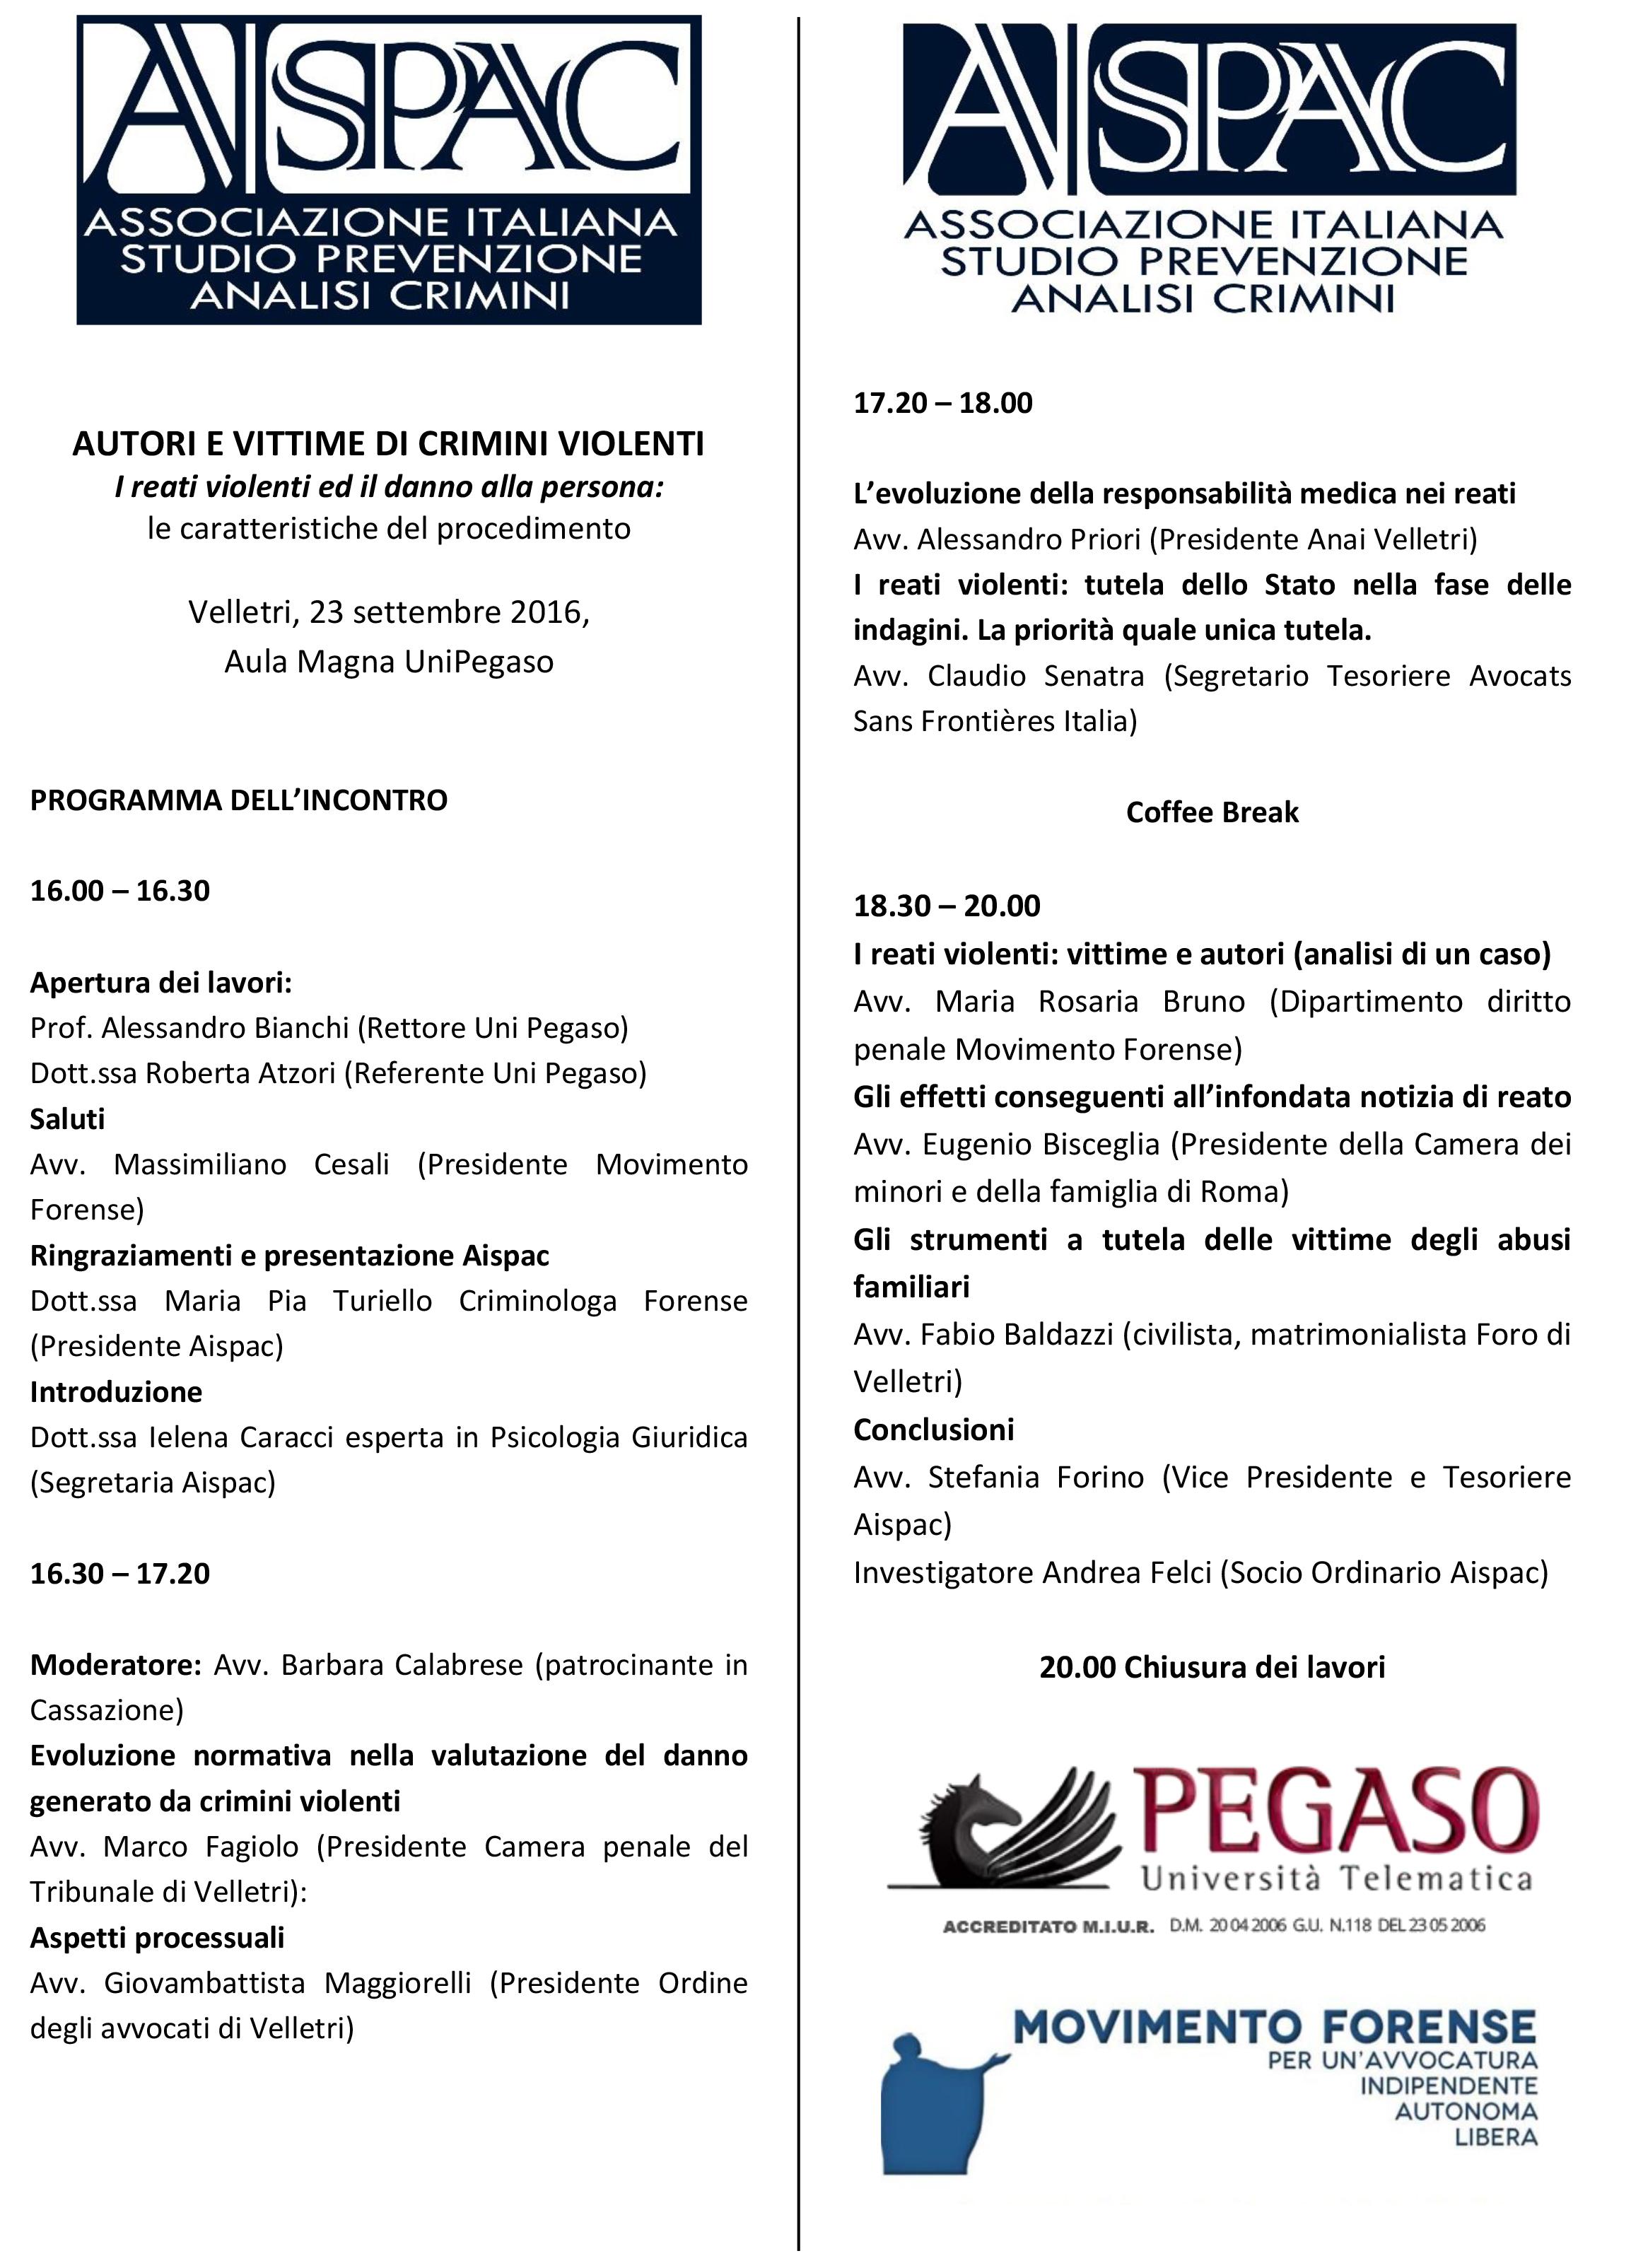 programma-convegno-23-09-2016